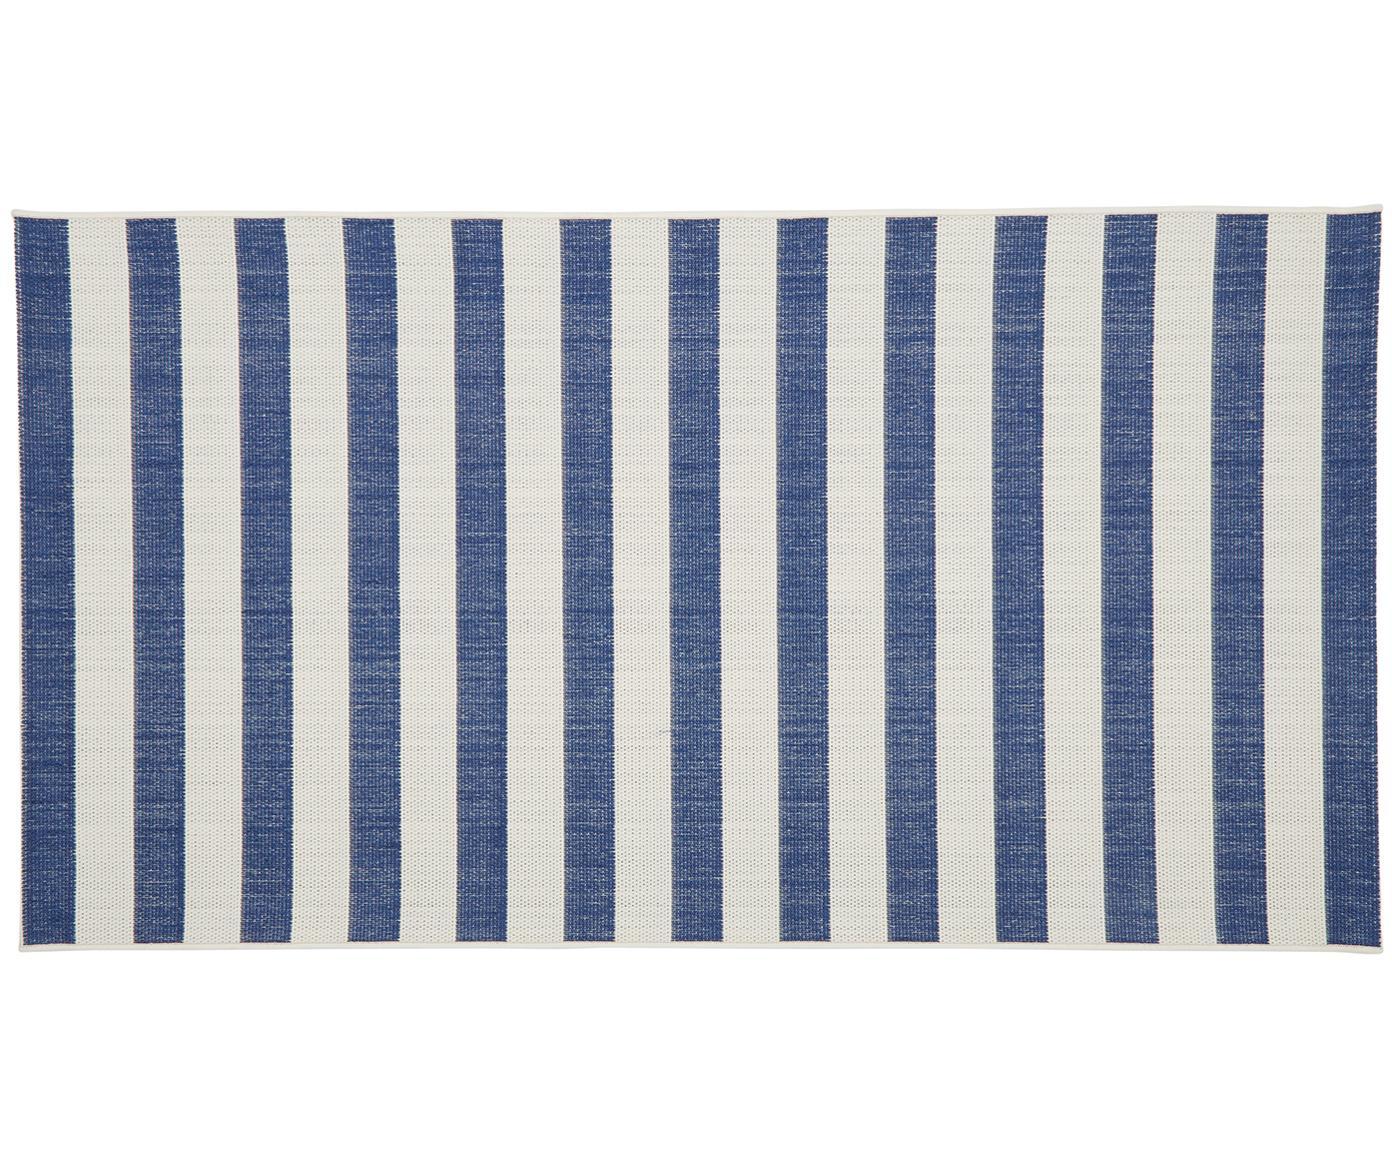 Gestreifter In- & Outdoor-Teppich Axa in Blau/Weiß, Flor: 100% Polypropylen, Cremeweiß, Blau, B 80 x L 150 cm (Größe XS)